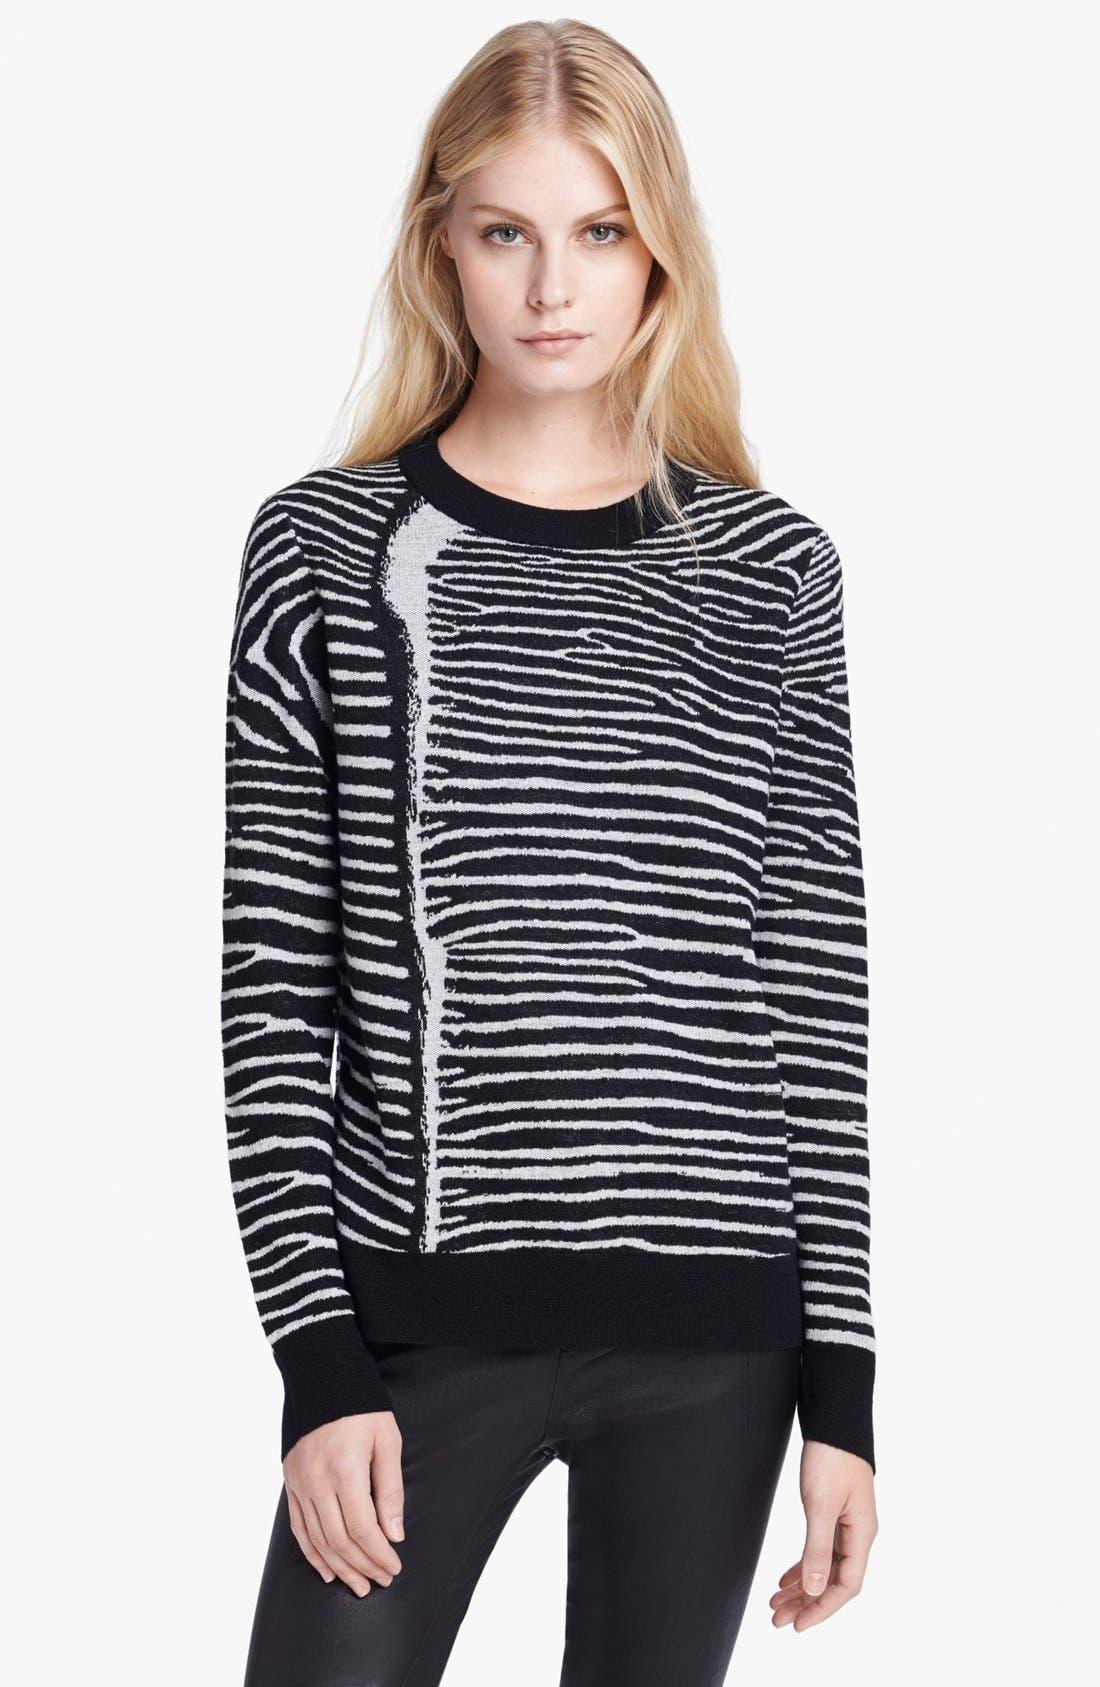 Main Image - A.L.C. 'Cayero' Sweater